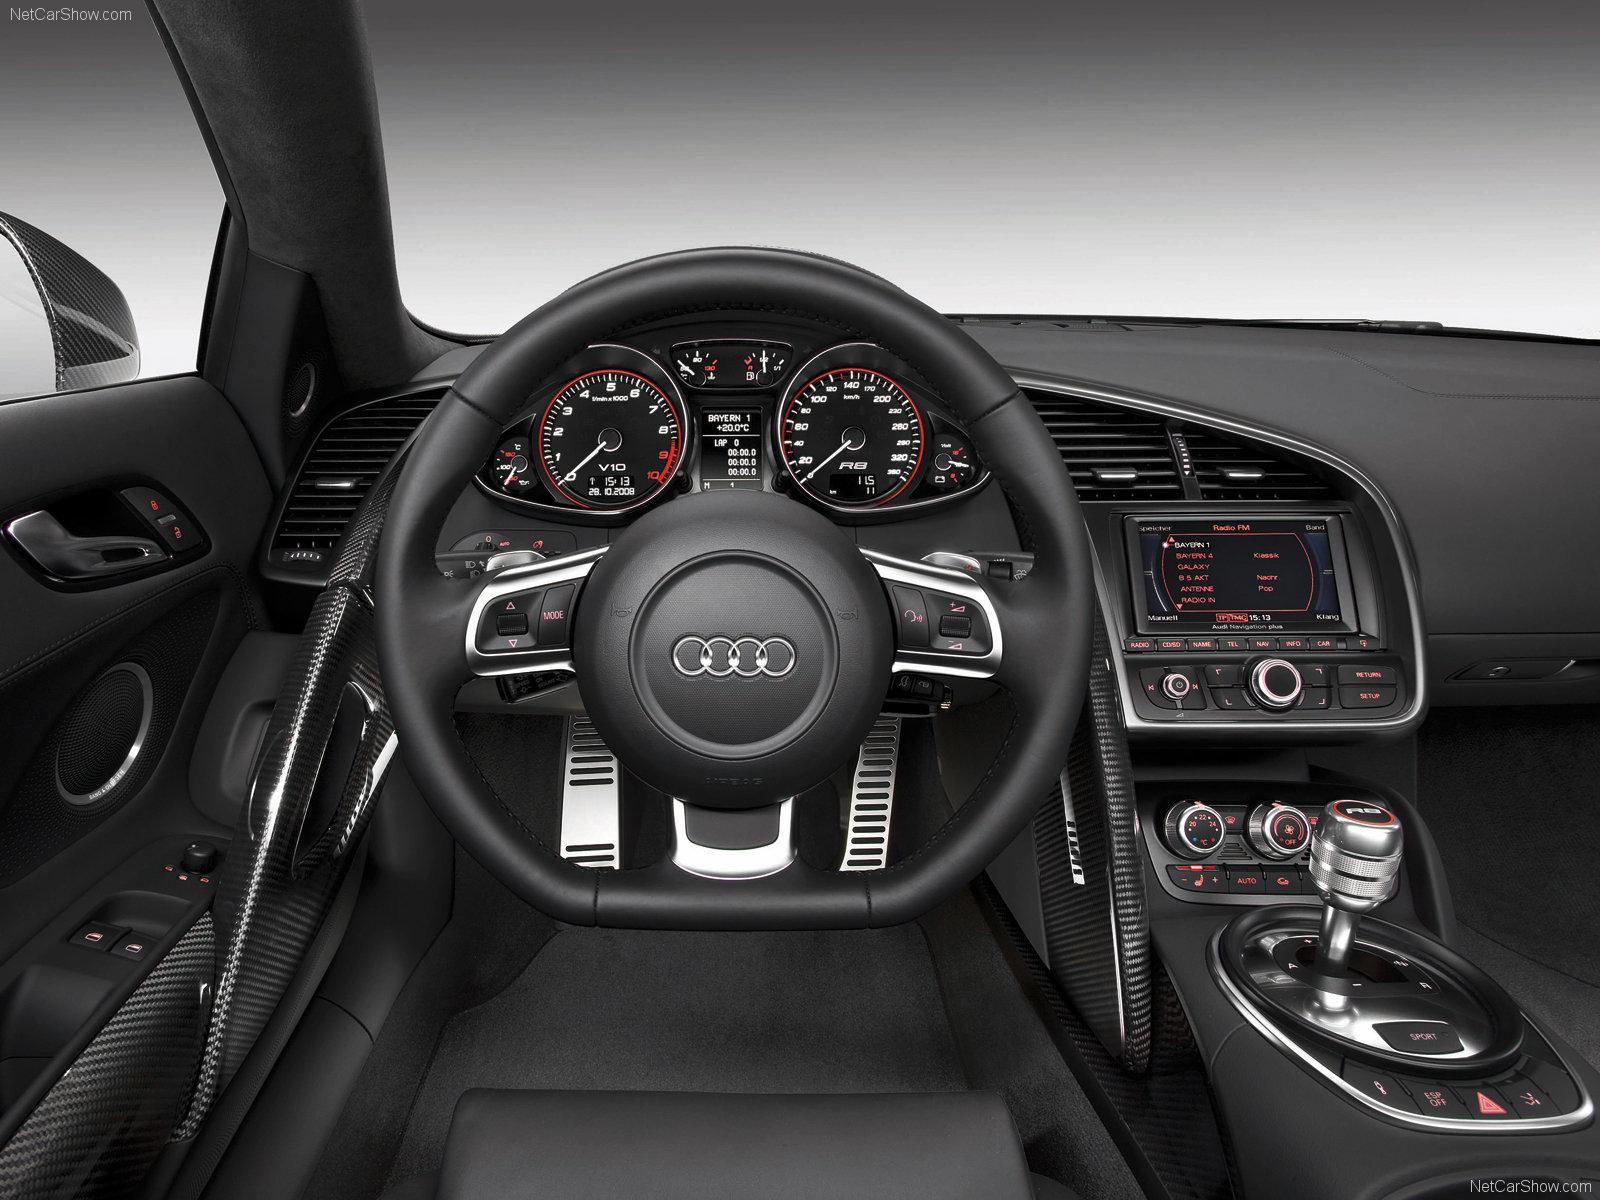 2018-Audi-R8-price Audi R8 V10 Price